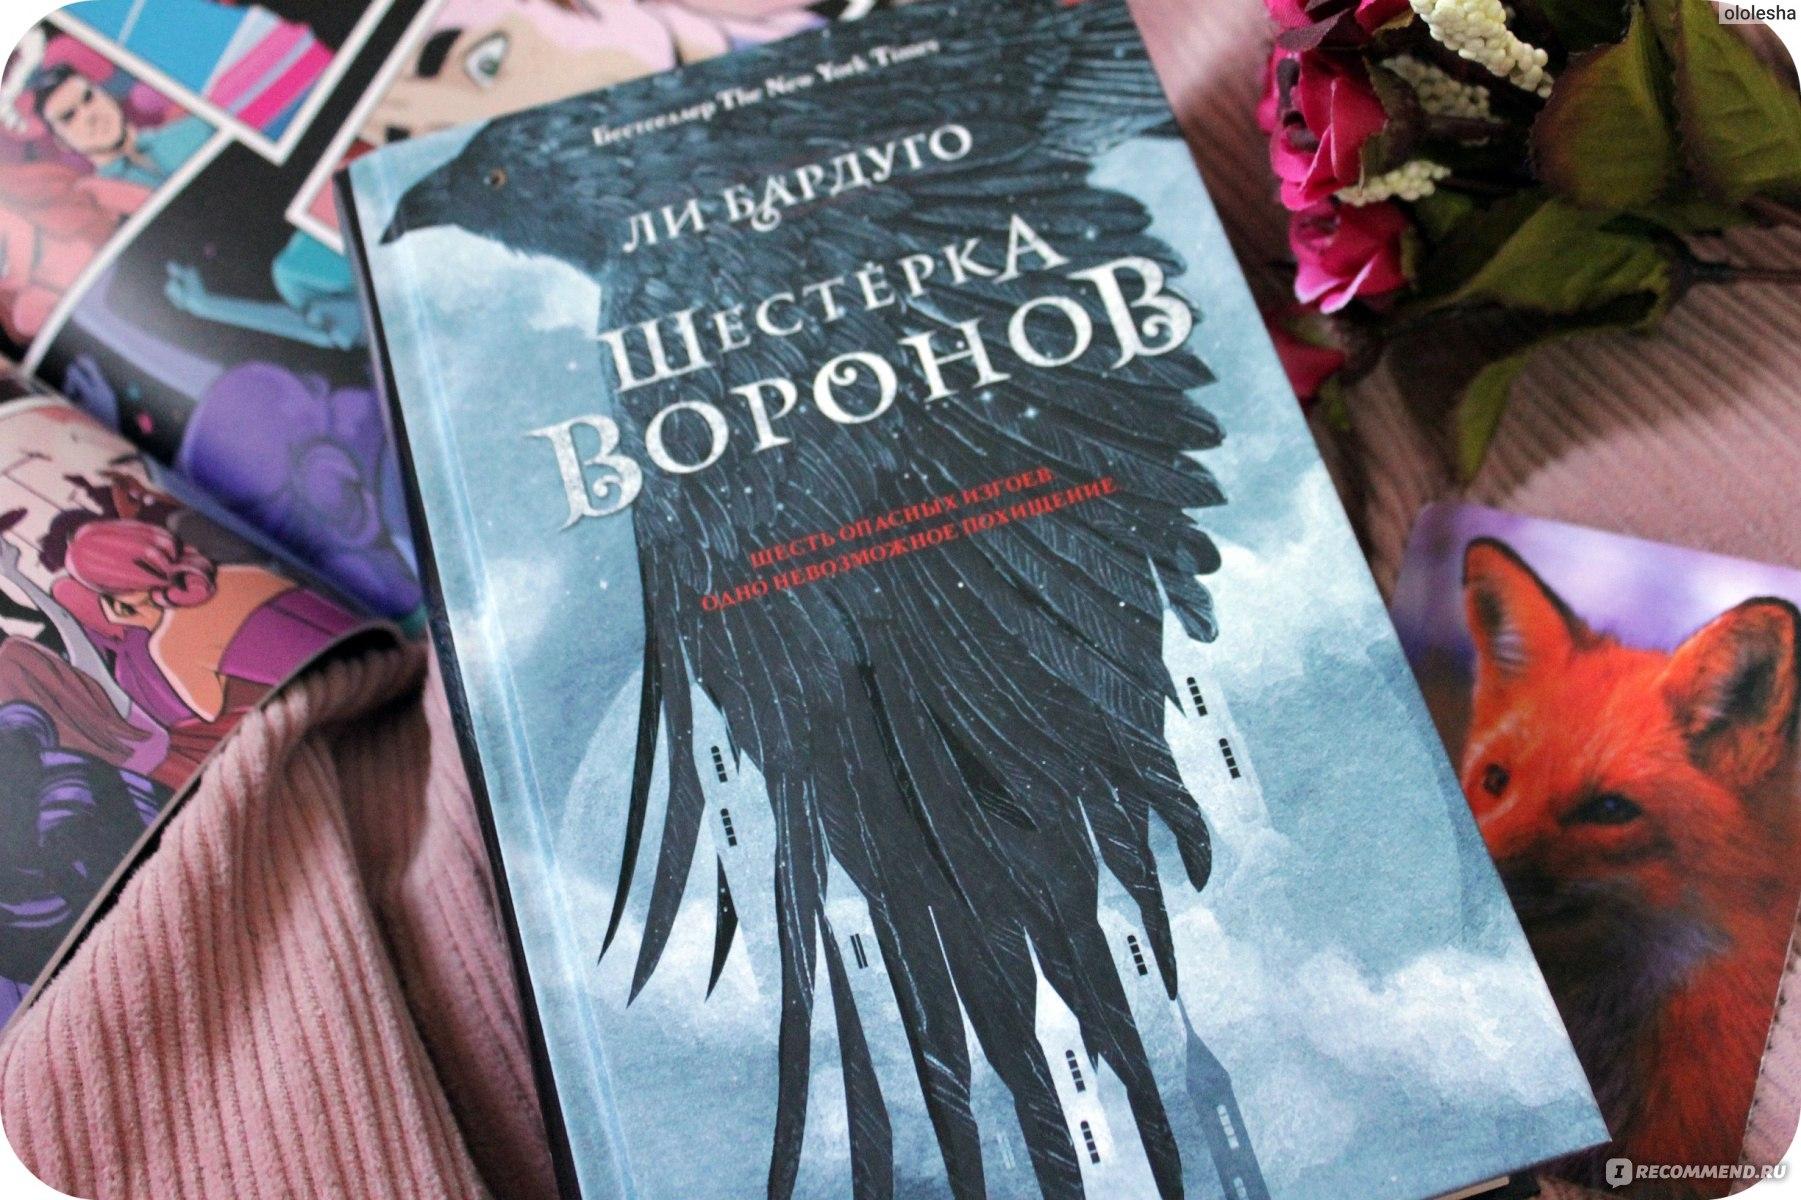 шестерка воронов книга скачать